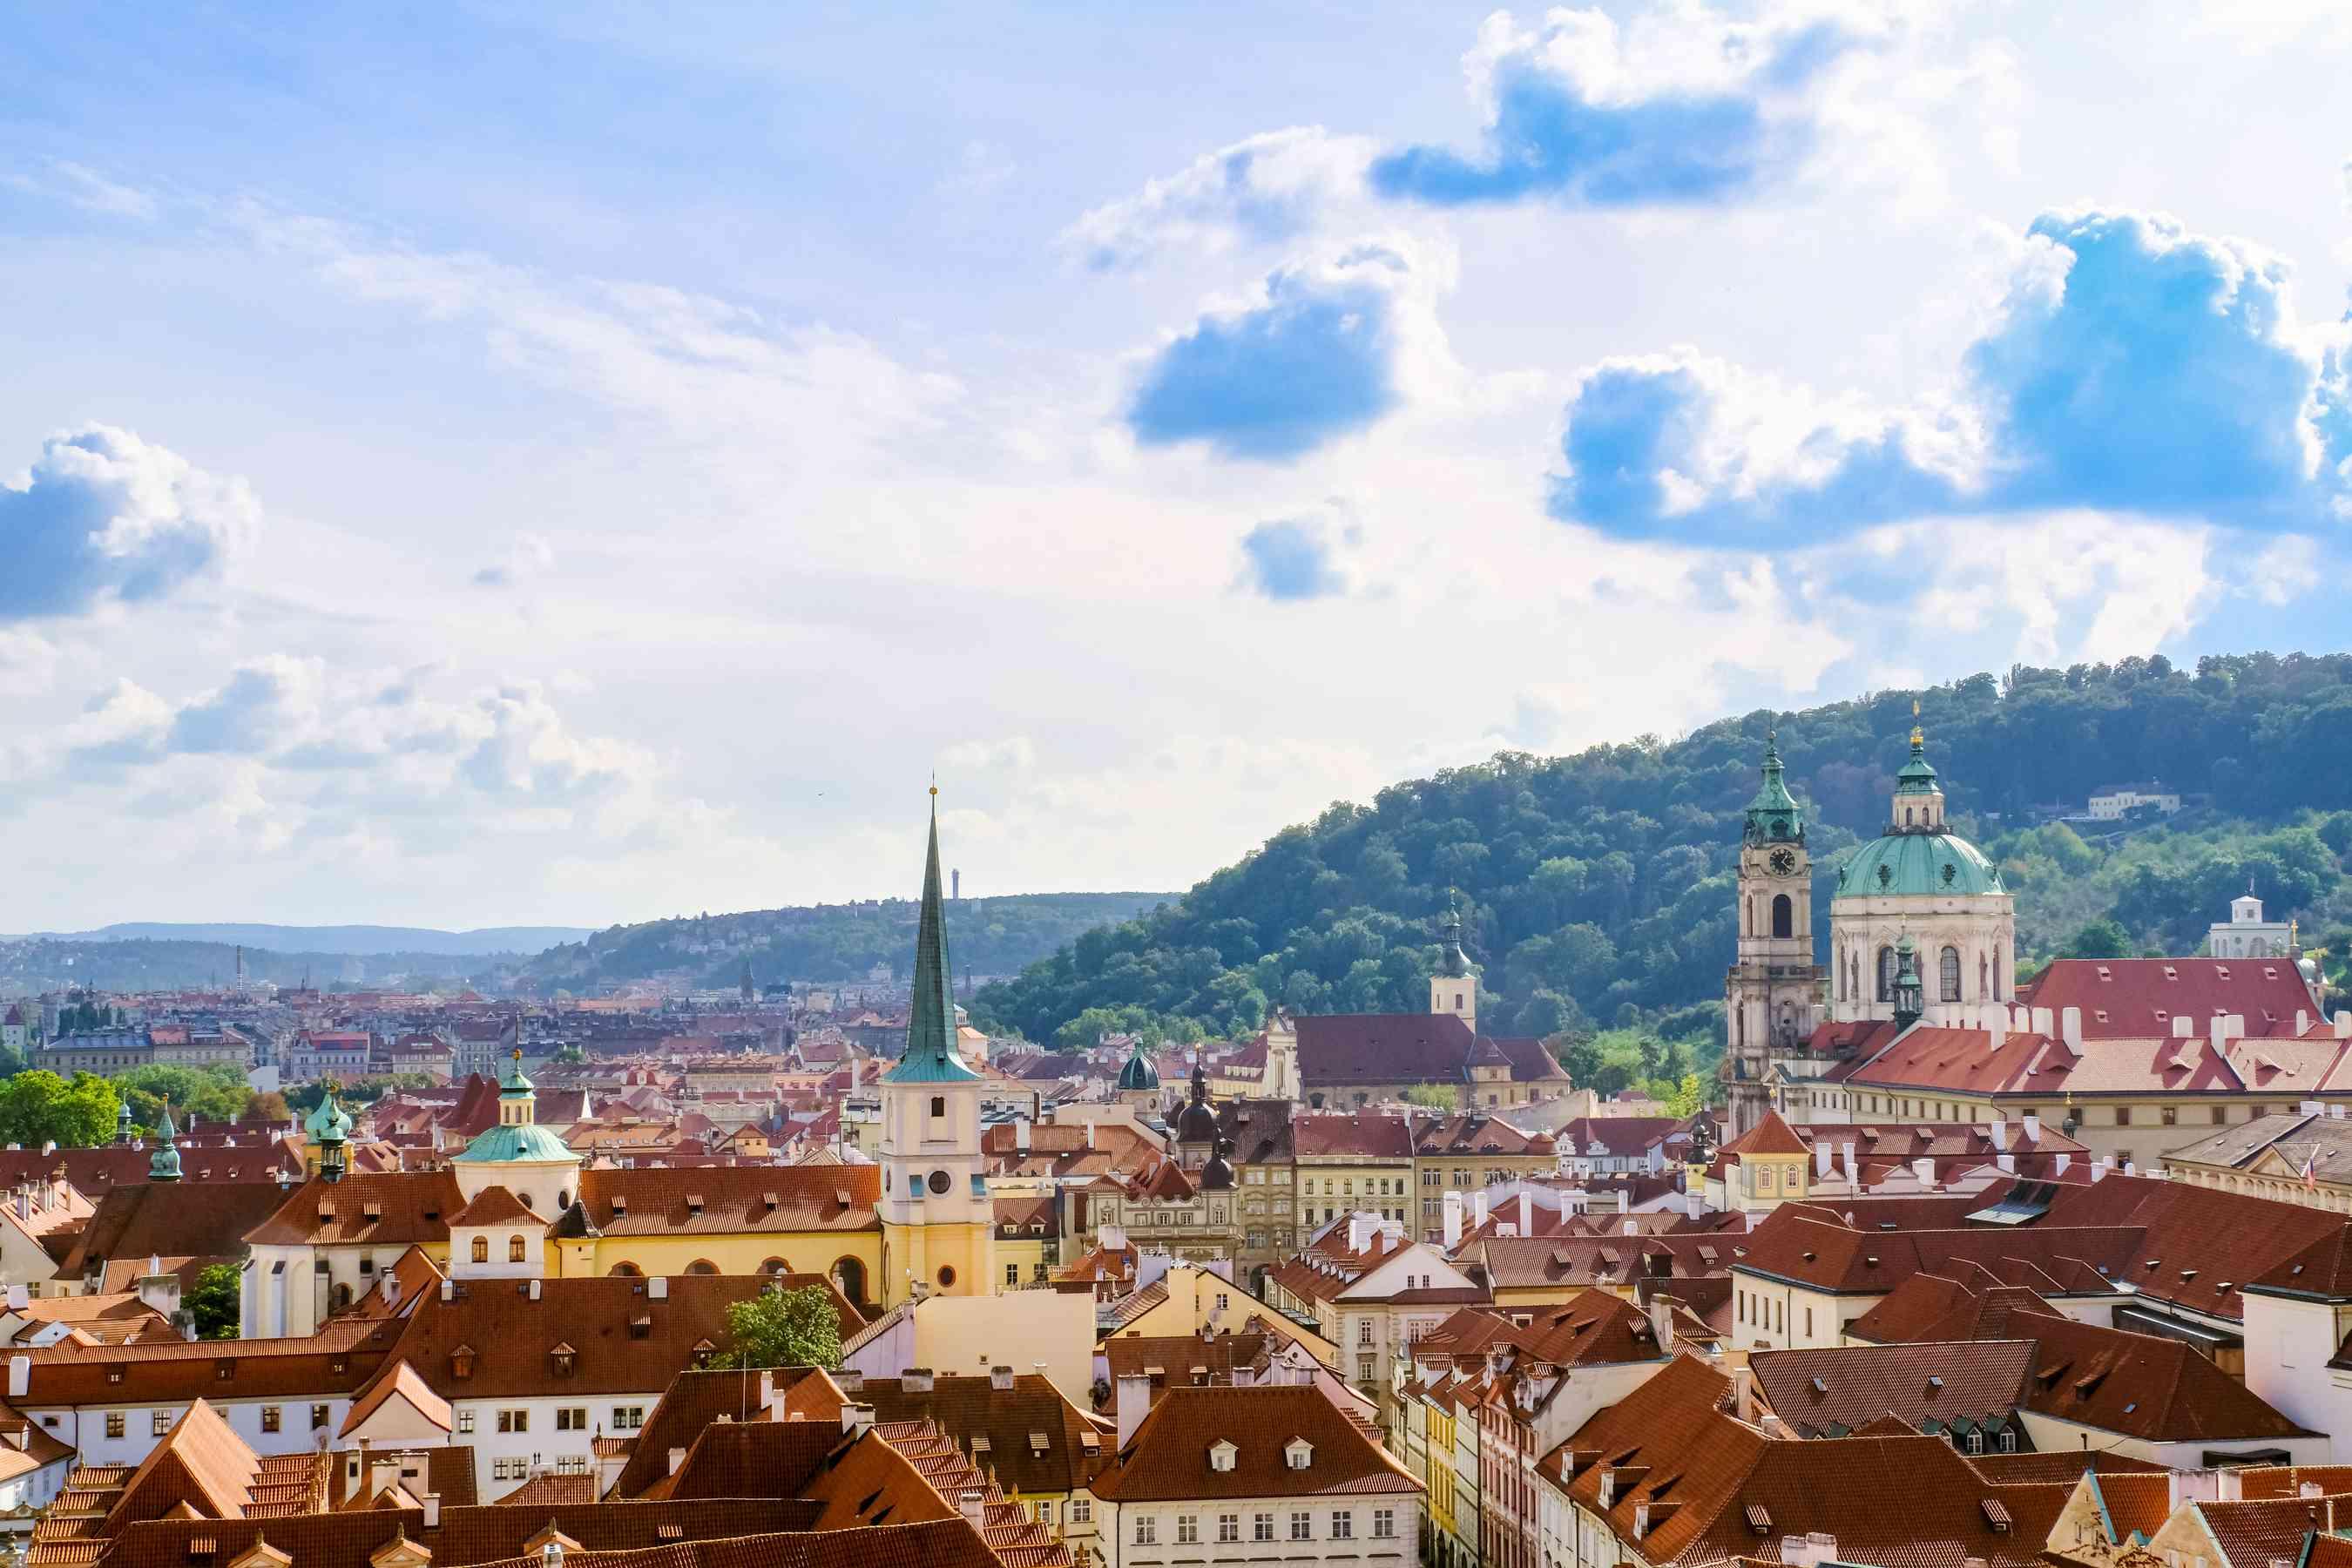 Vista de los tejados en Praga